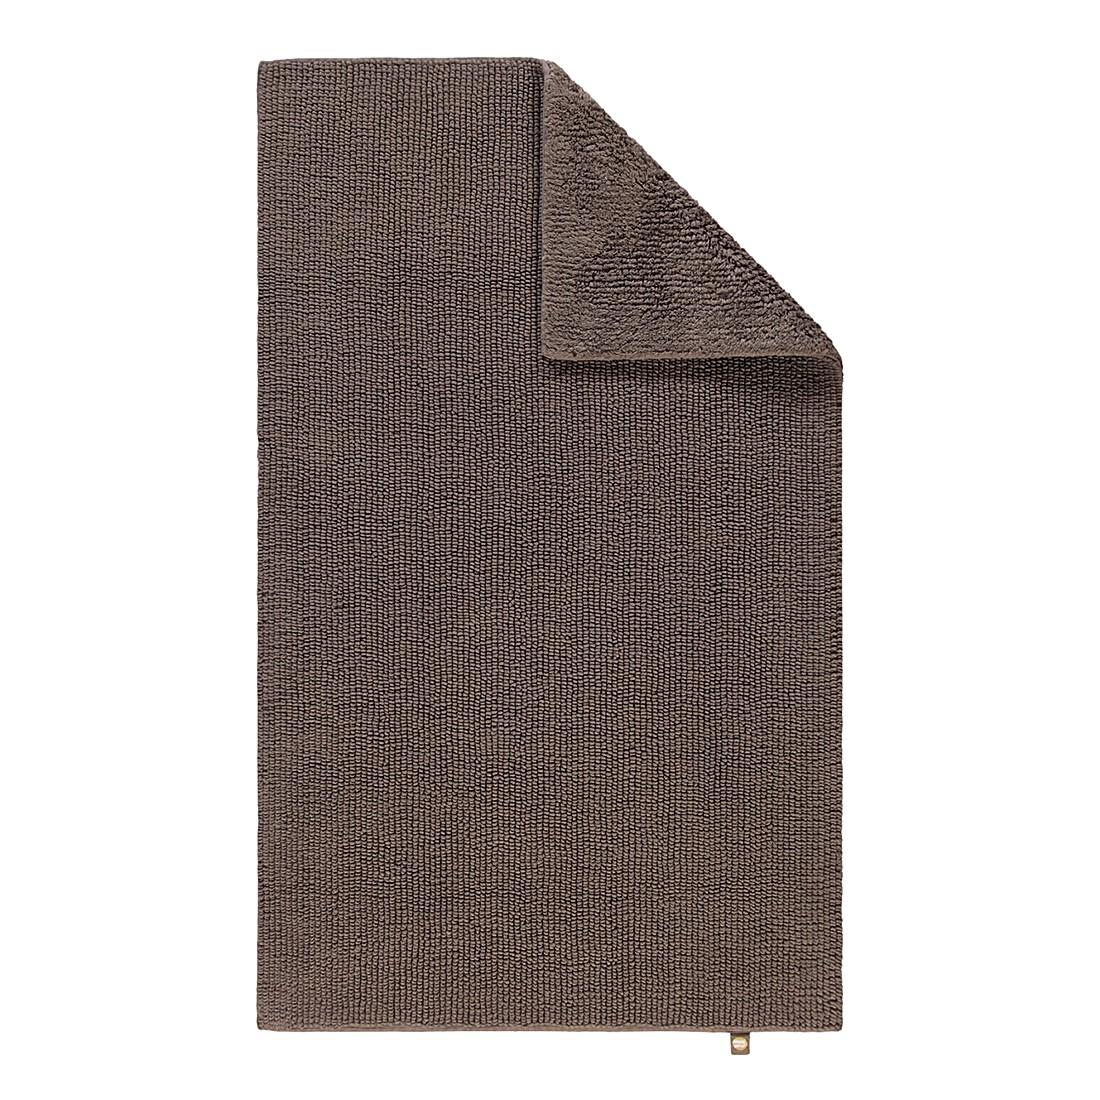 Badteppiche Pur – 100% Baumwolle taupe – 58 – 70 x 130 cm, Rhomtuft online kaufen